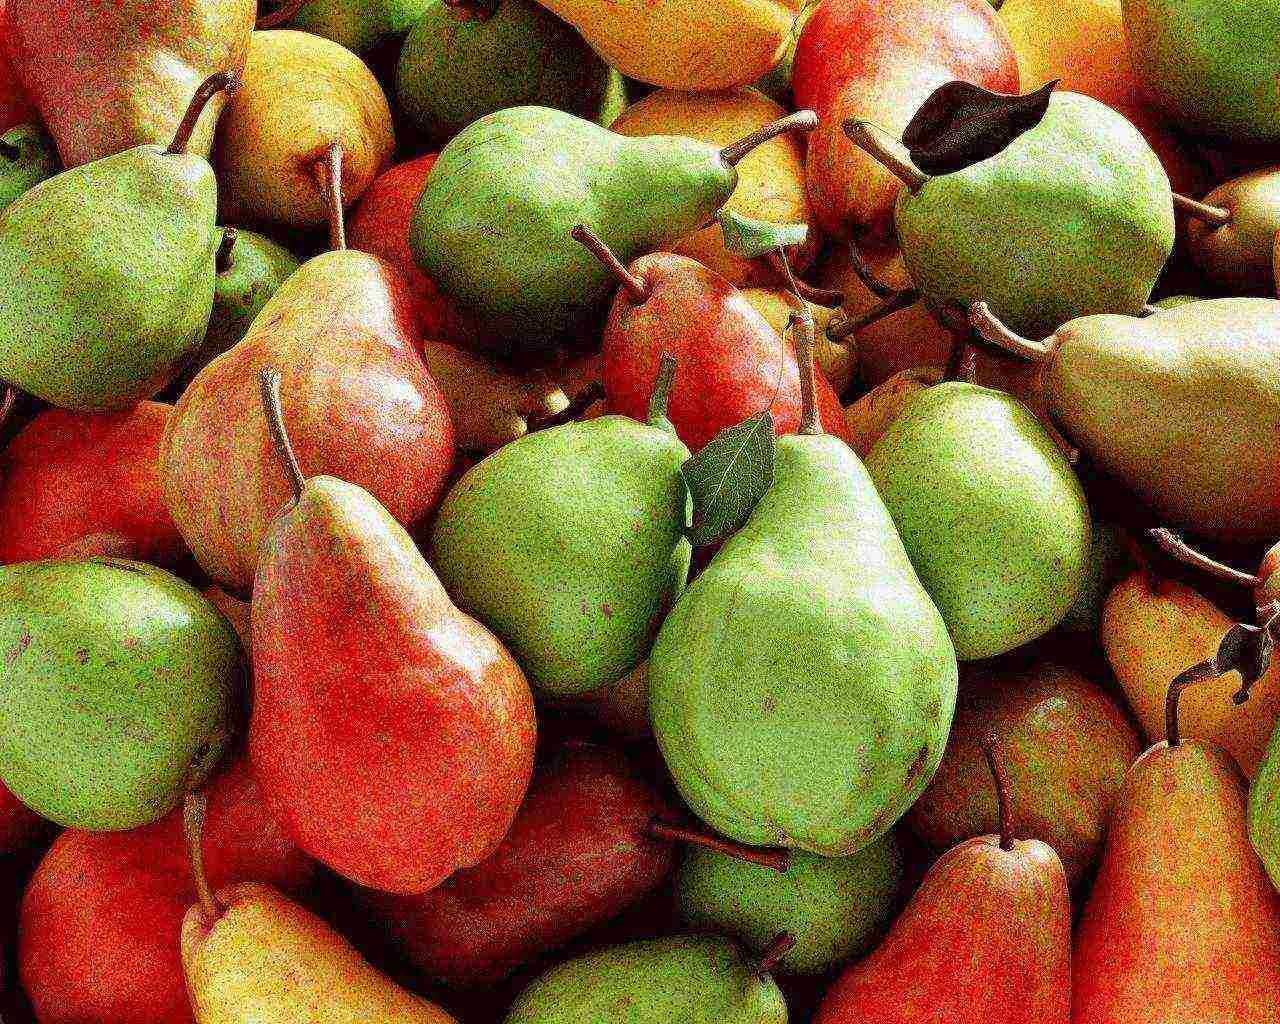 Летние сорта груш: лучшие сорта для разных регионов с фото